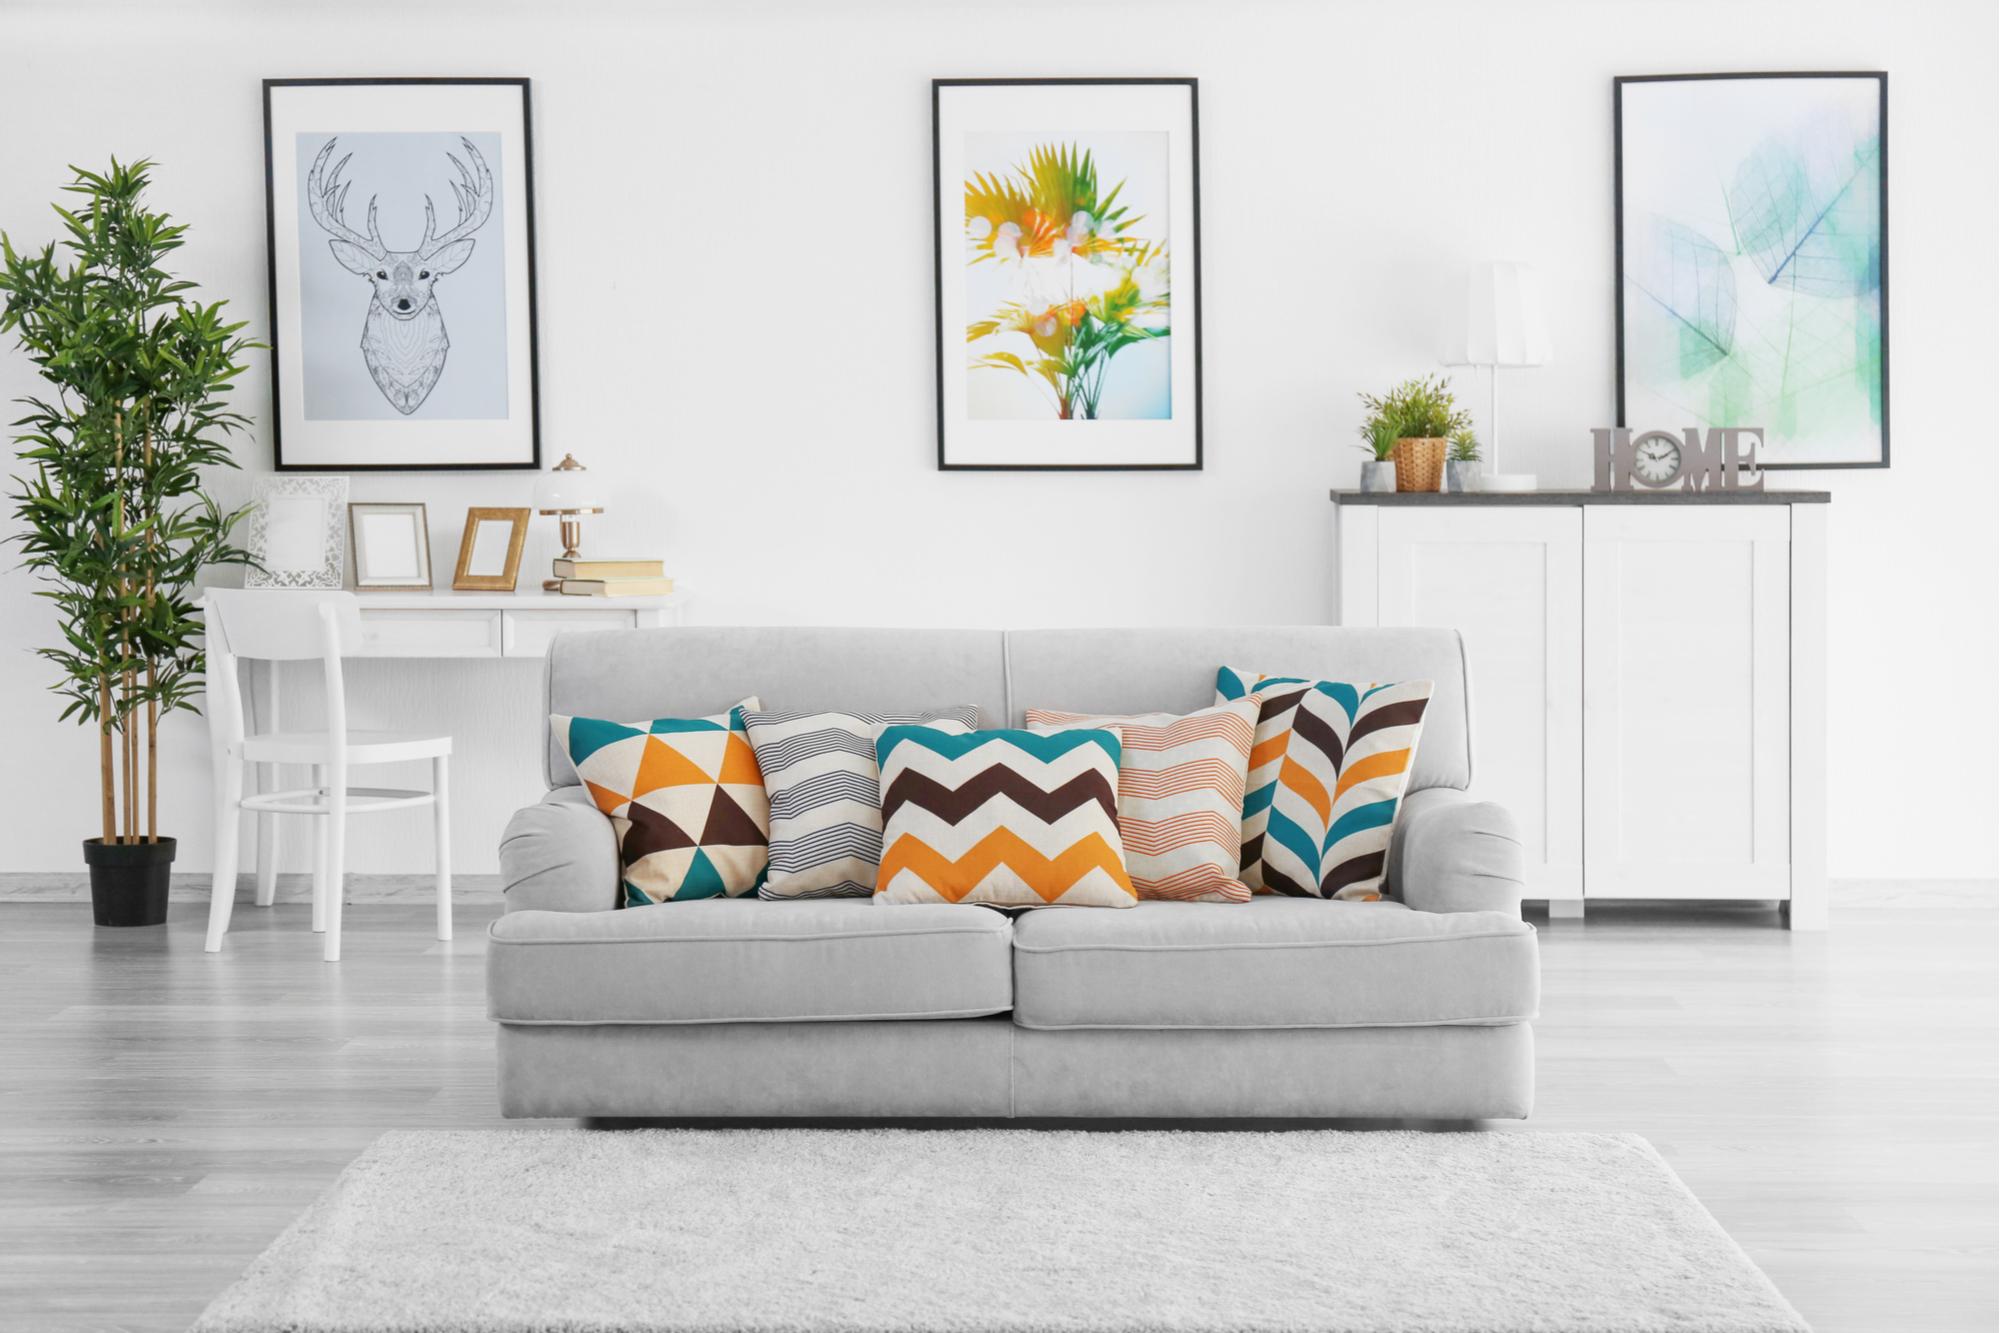 Koberce podle místností. Jak vybrat ten správný kousek a skloubit praktické i estetické hledisko - Creative Commons (shutterstock.com)